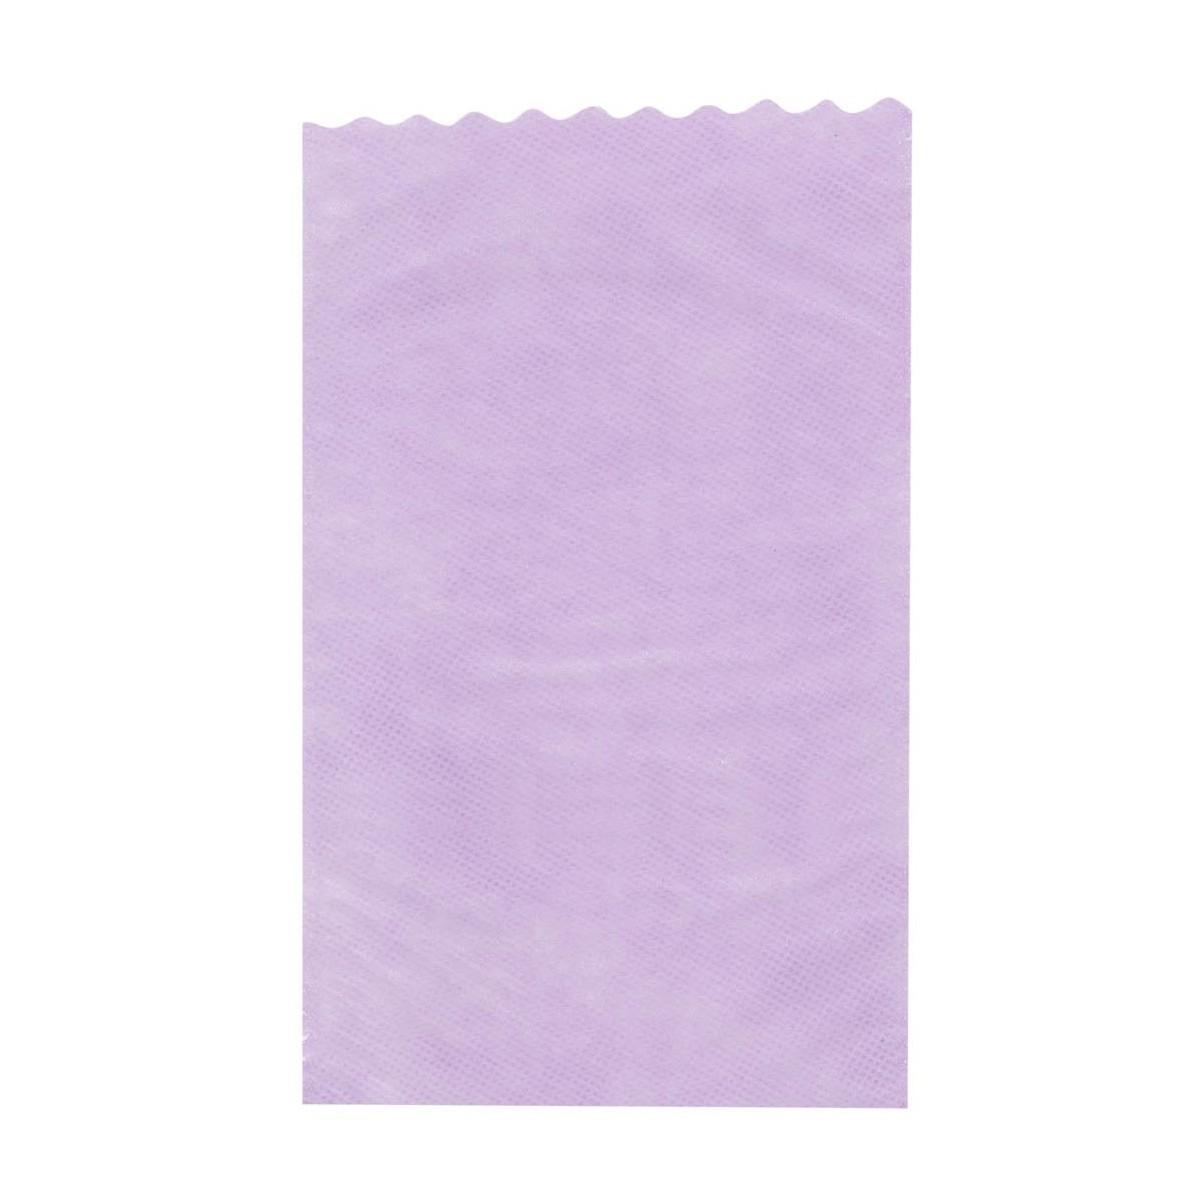 Busta Regalo Tessuto Non Tessuto TNT Colorata Confezione 25 Pezzi Glicine